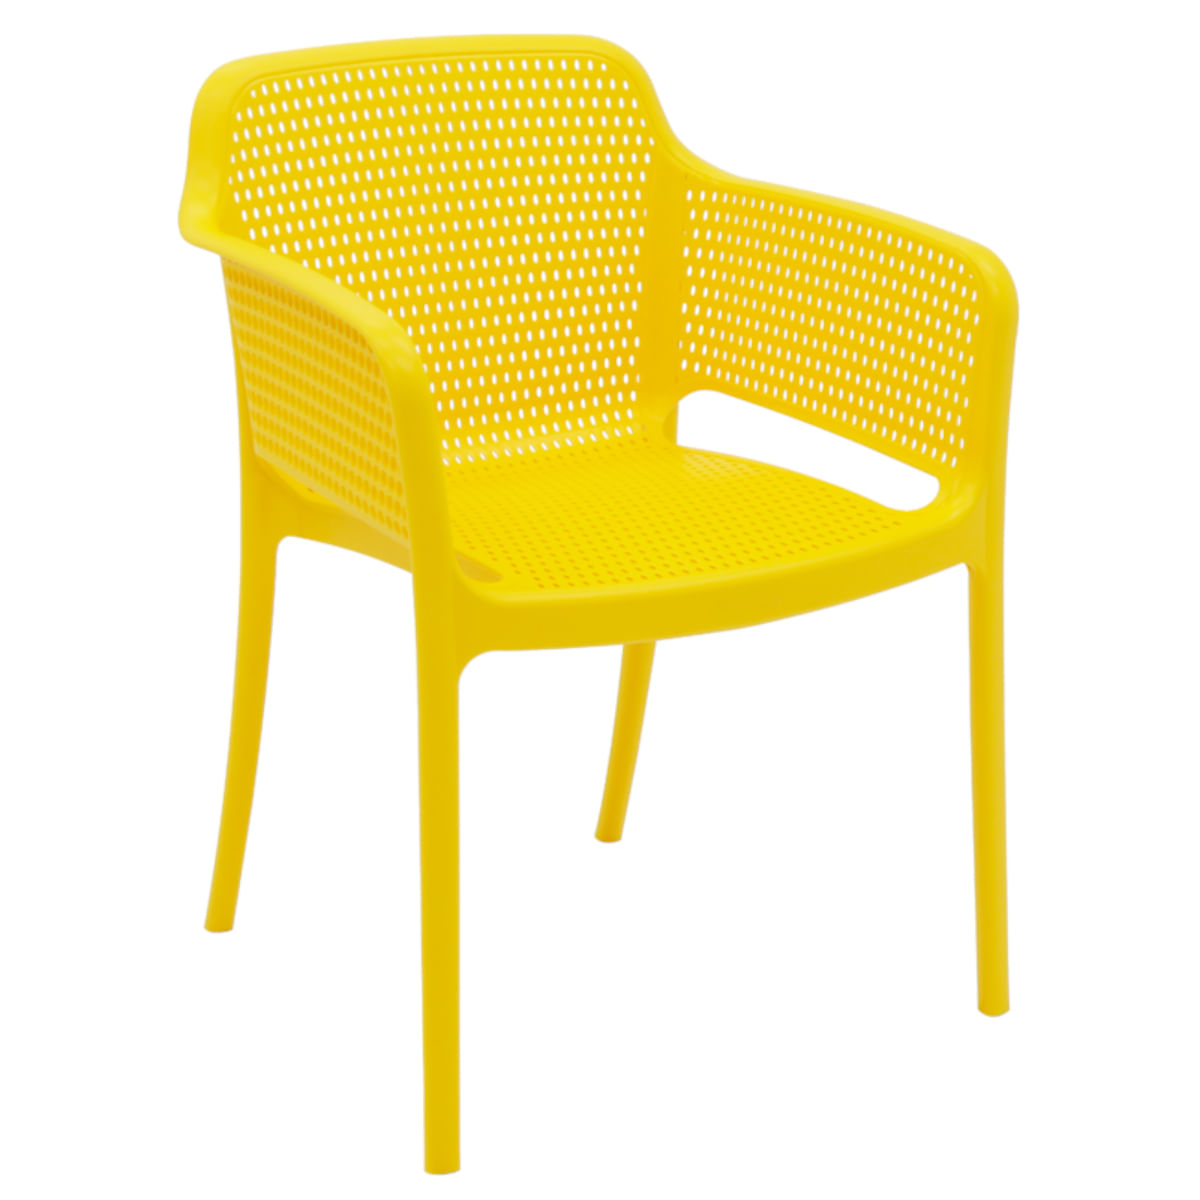 Cadeira Tramontina Gabriela Amarela em Polipropileno e Fibra de Vidro